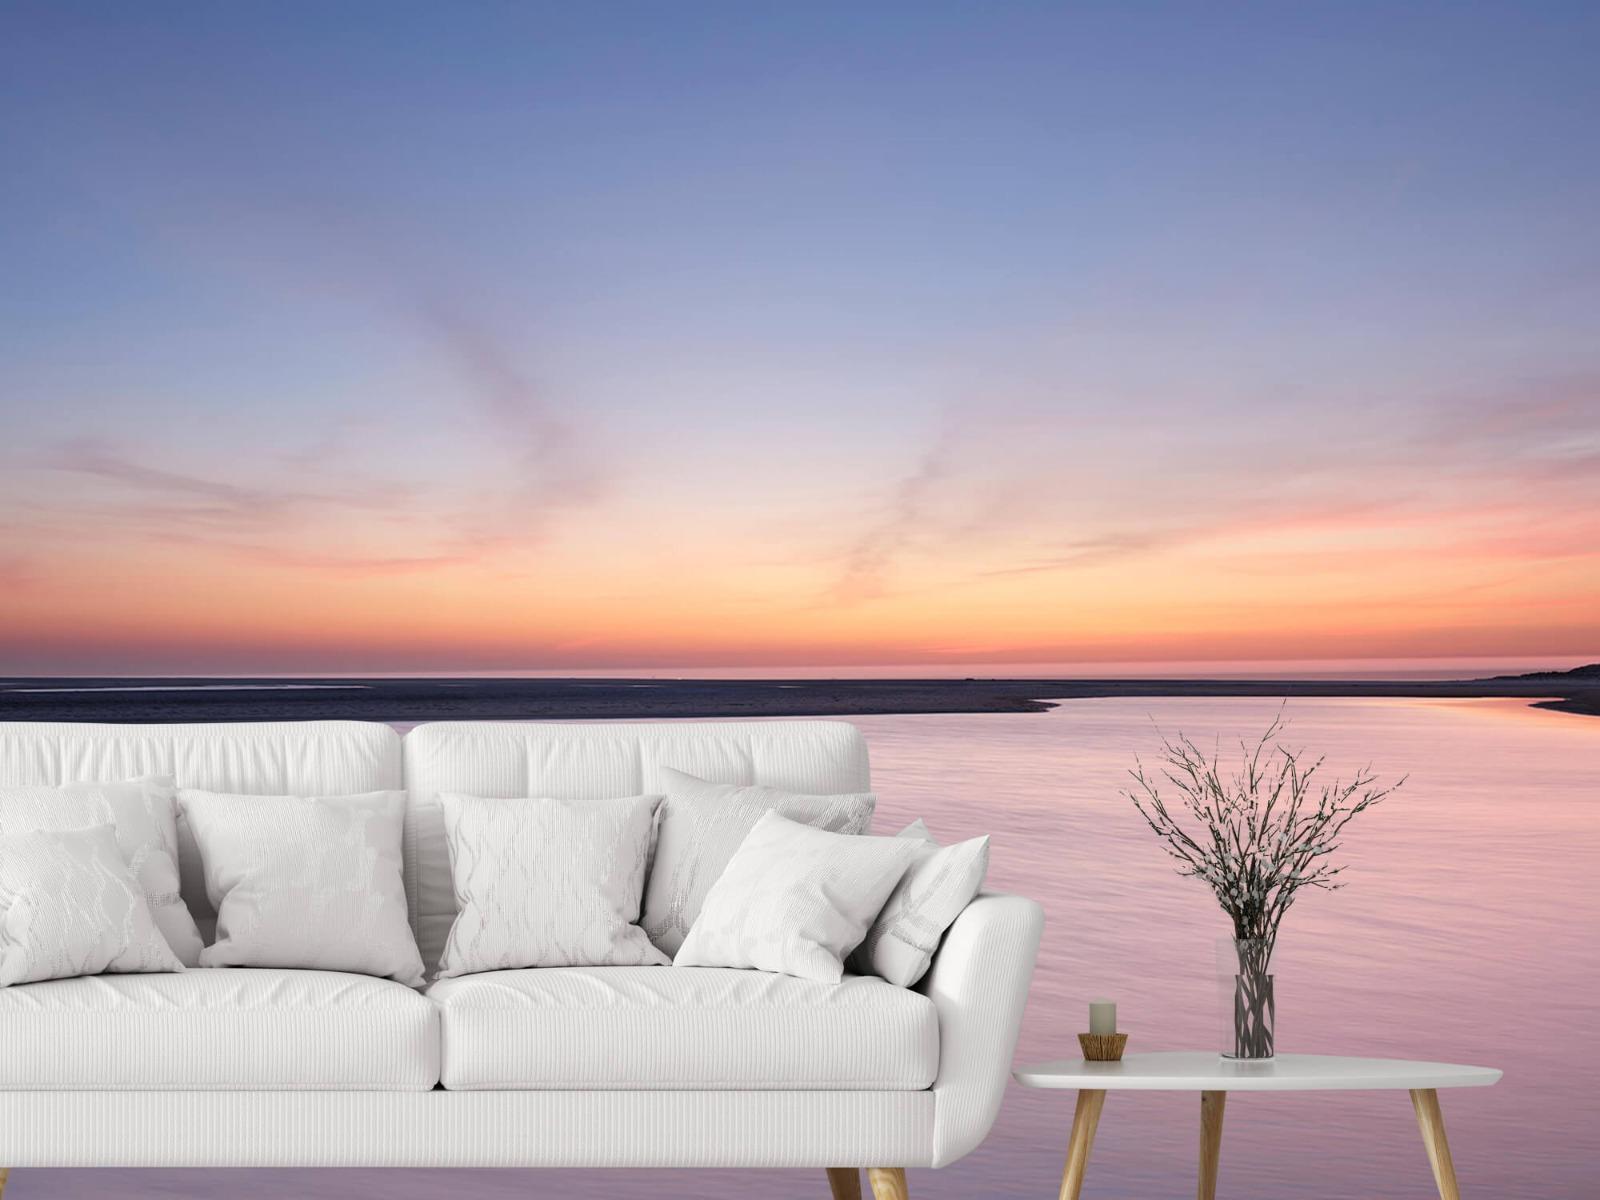 Zeeën en Oceanen - Zonsondergang aan zee - Slaapkamer 3